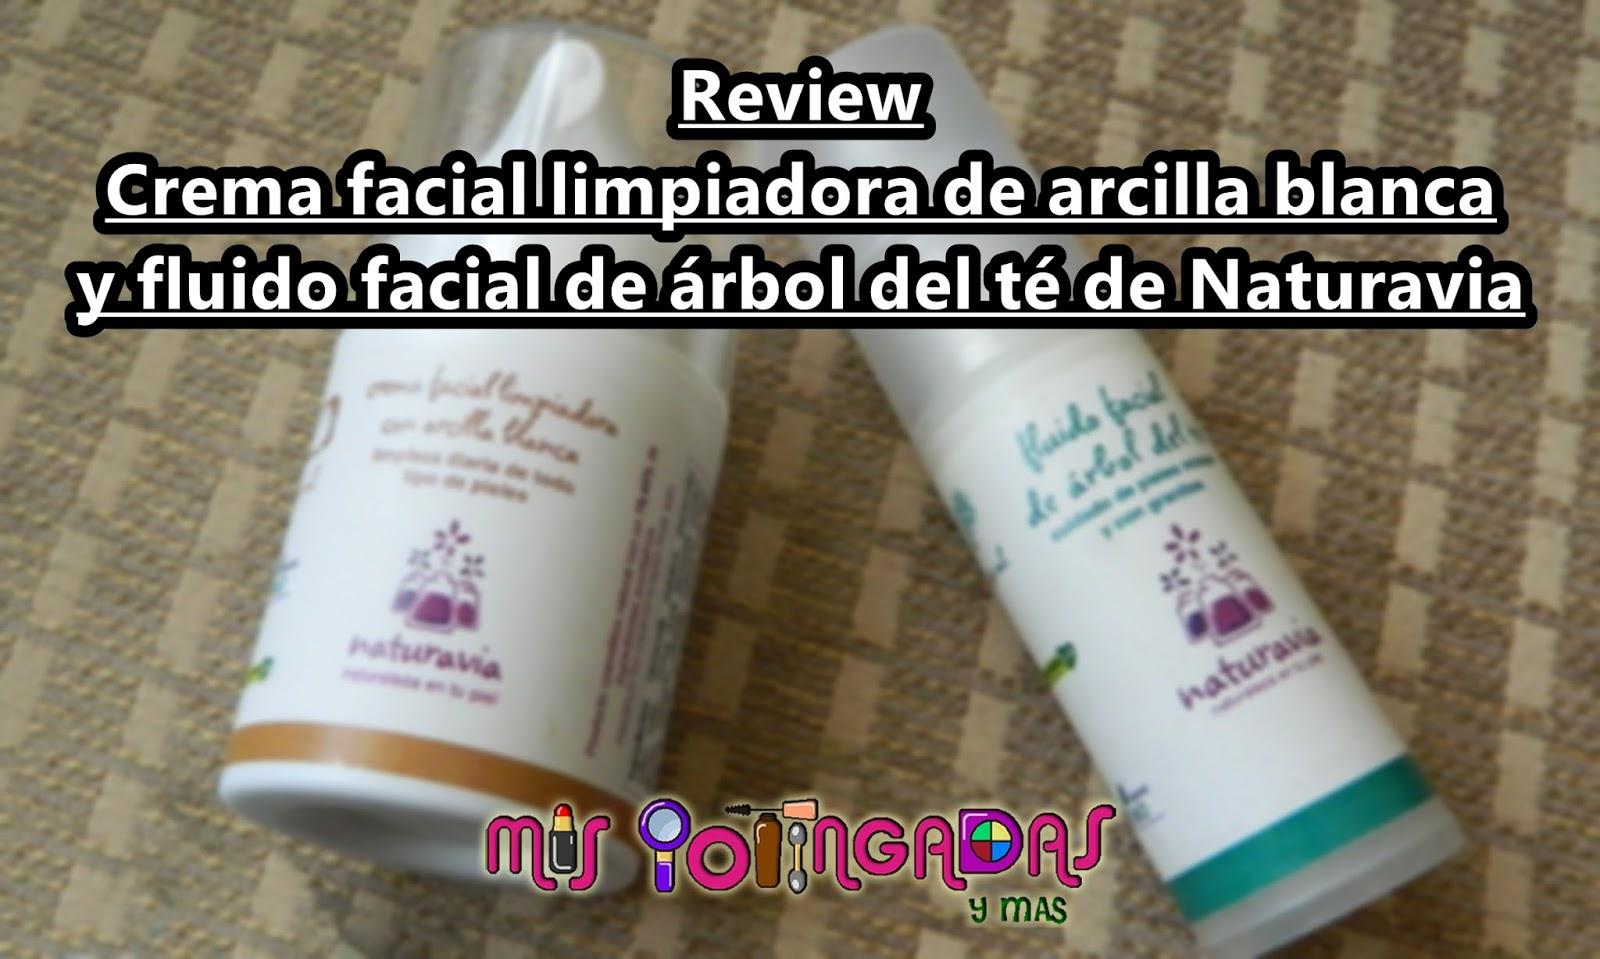 Review | Crema facial limpiadora de arcilla blanca y fluido facial de árbol del té de Naturavia | Colaboración La boutique natural